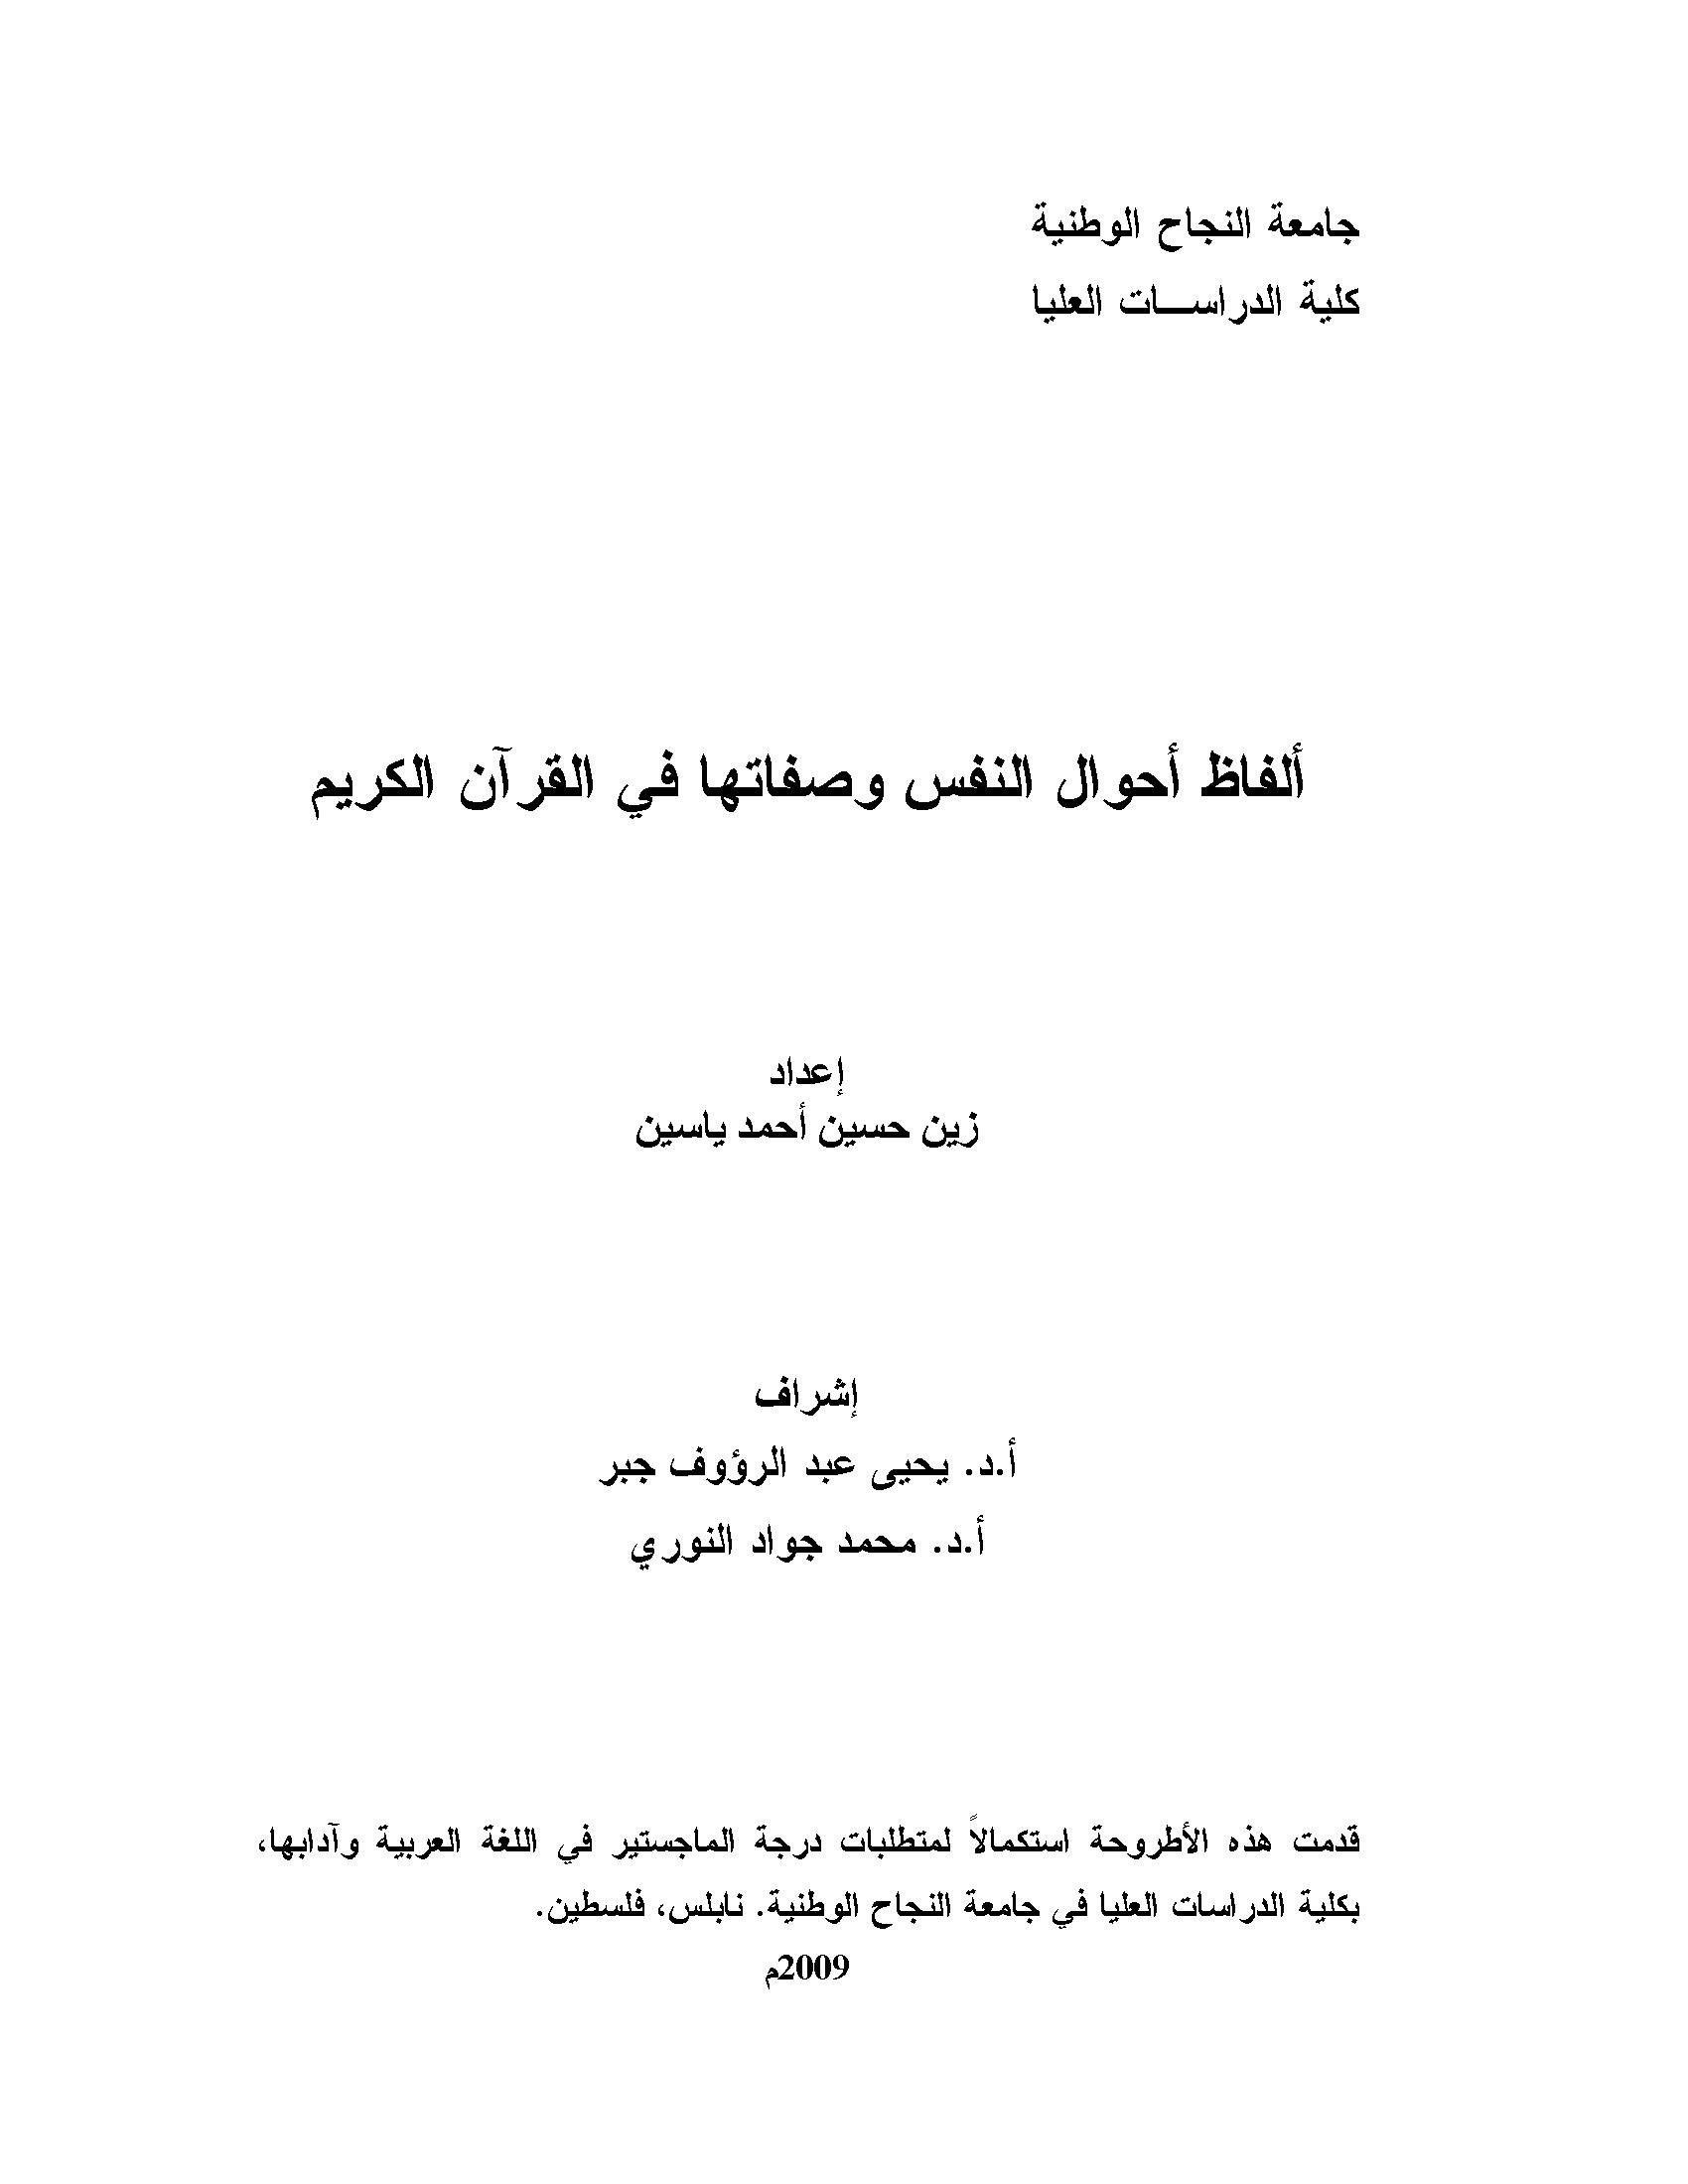 تحميل كتاب ألفاظ أحوال النفس وصفاتها في القرآن الكريم لـِ: زين حسين أحمد ياسين